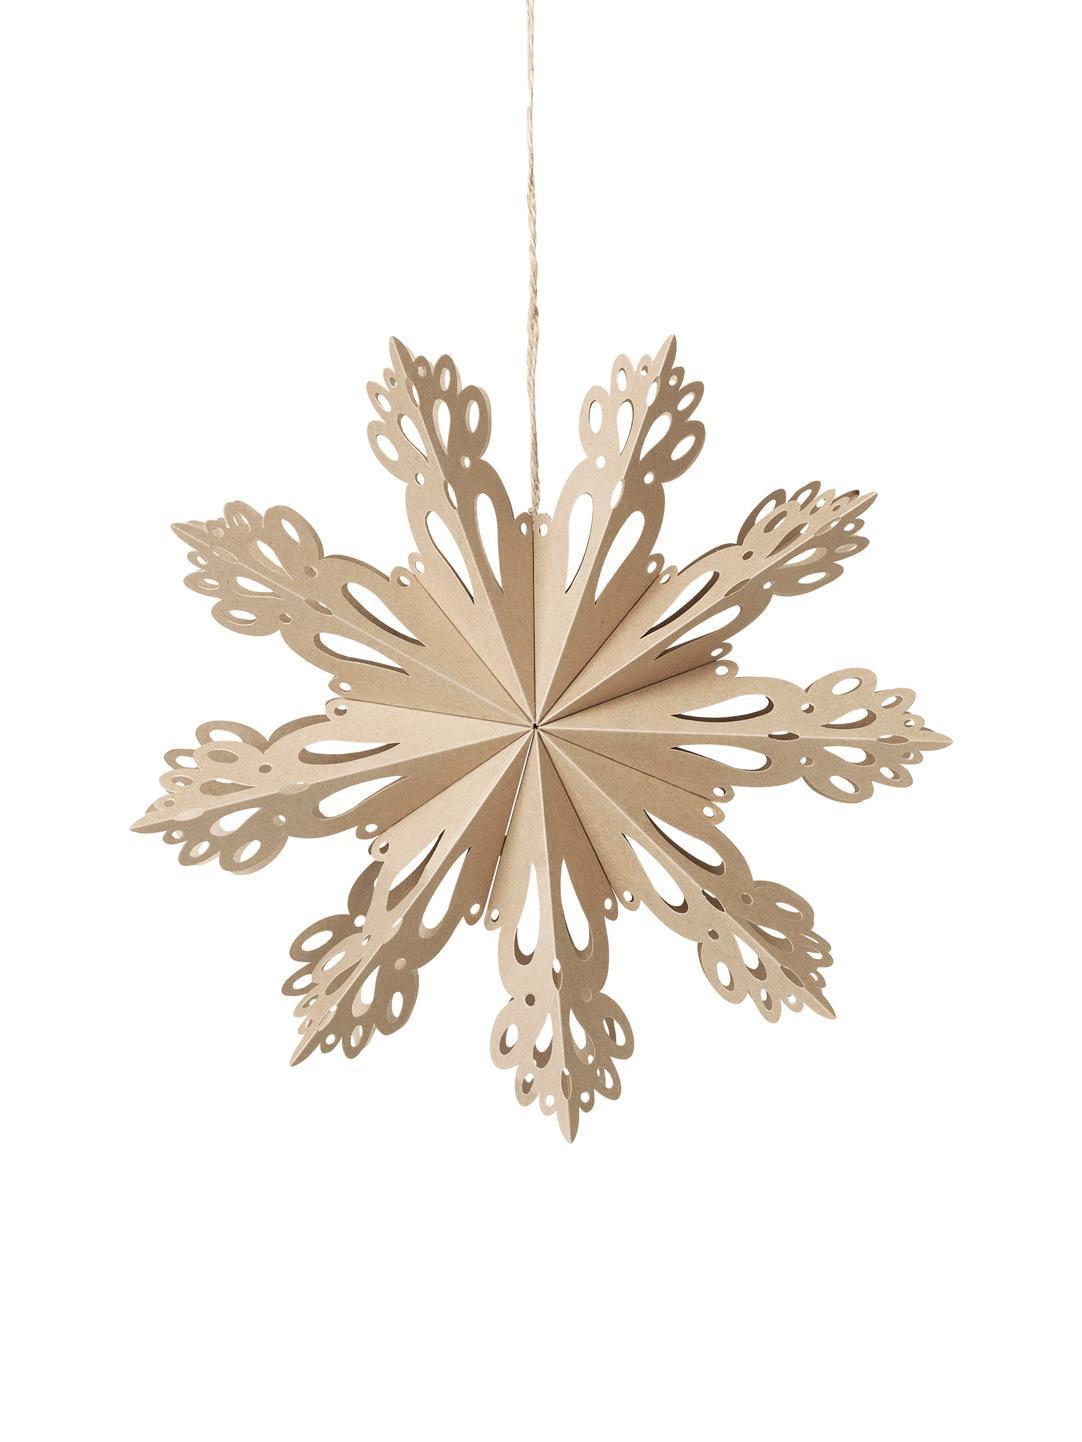 Adorno navideño XLSnowflake, Papel, Beige, Ø 30 cm